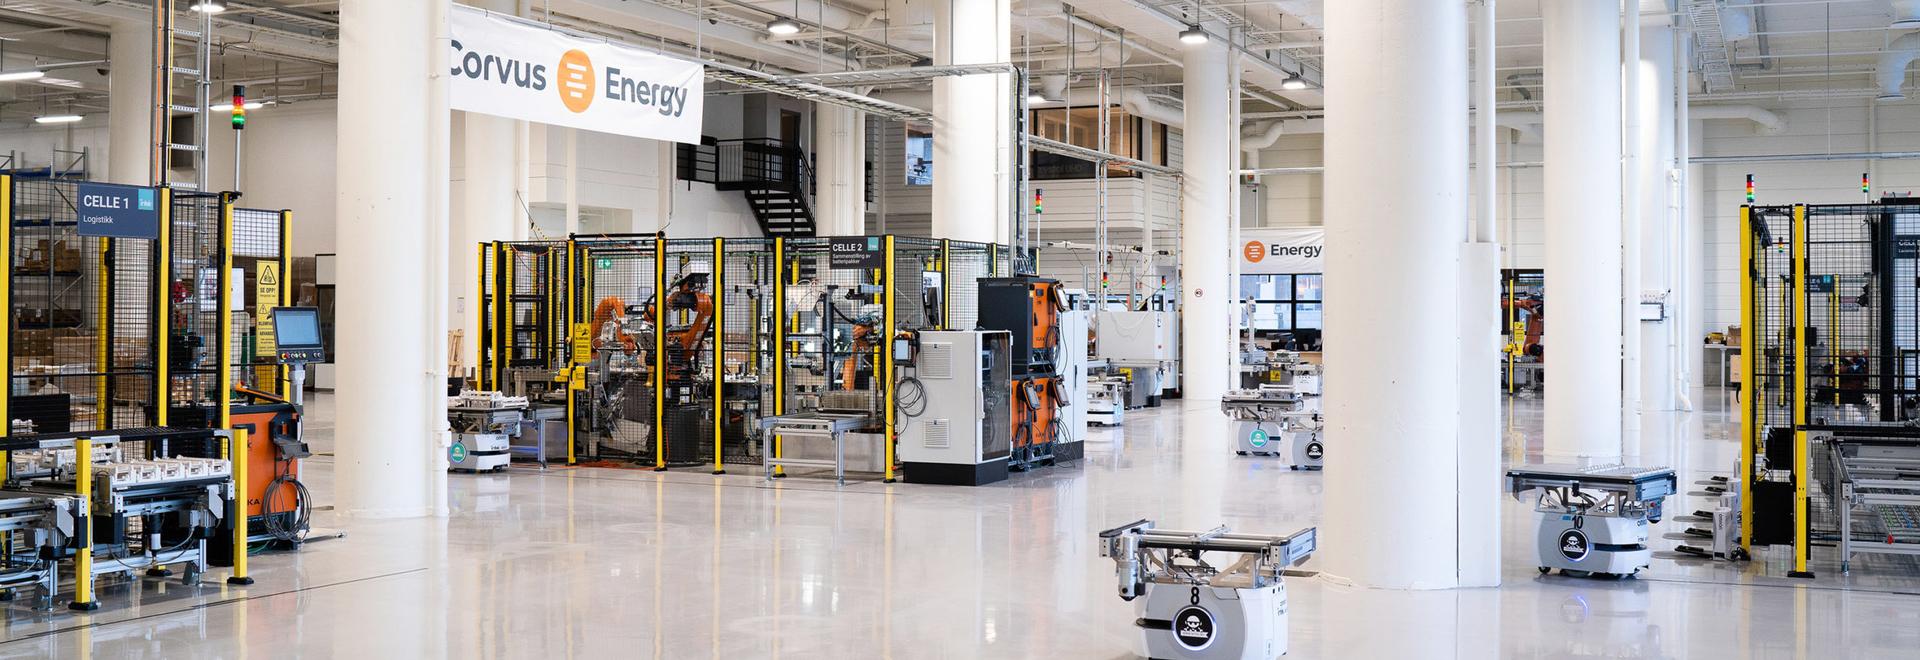 Corvus Energy va commencer à développer des systèmes de piles à combustible pour les navires avec la technologie de la pile à combustible à hydrogène fournie par Toyota